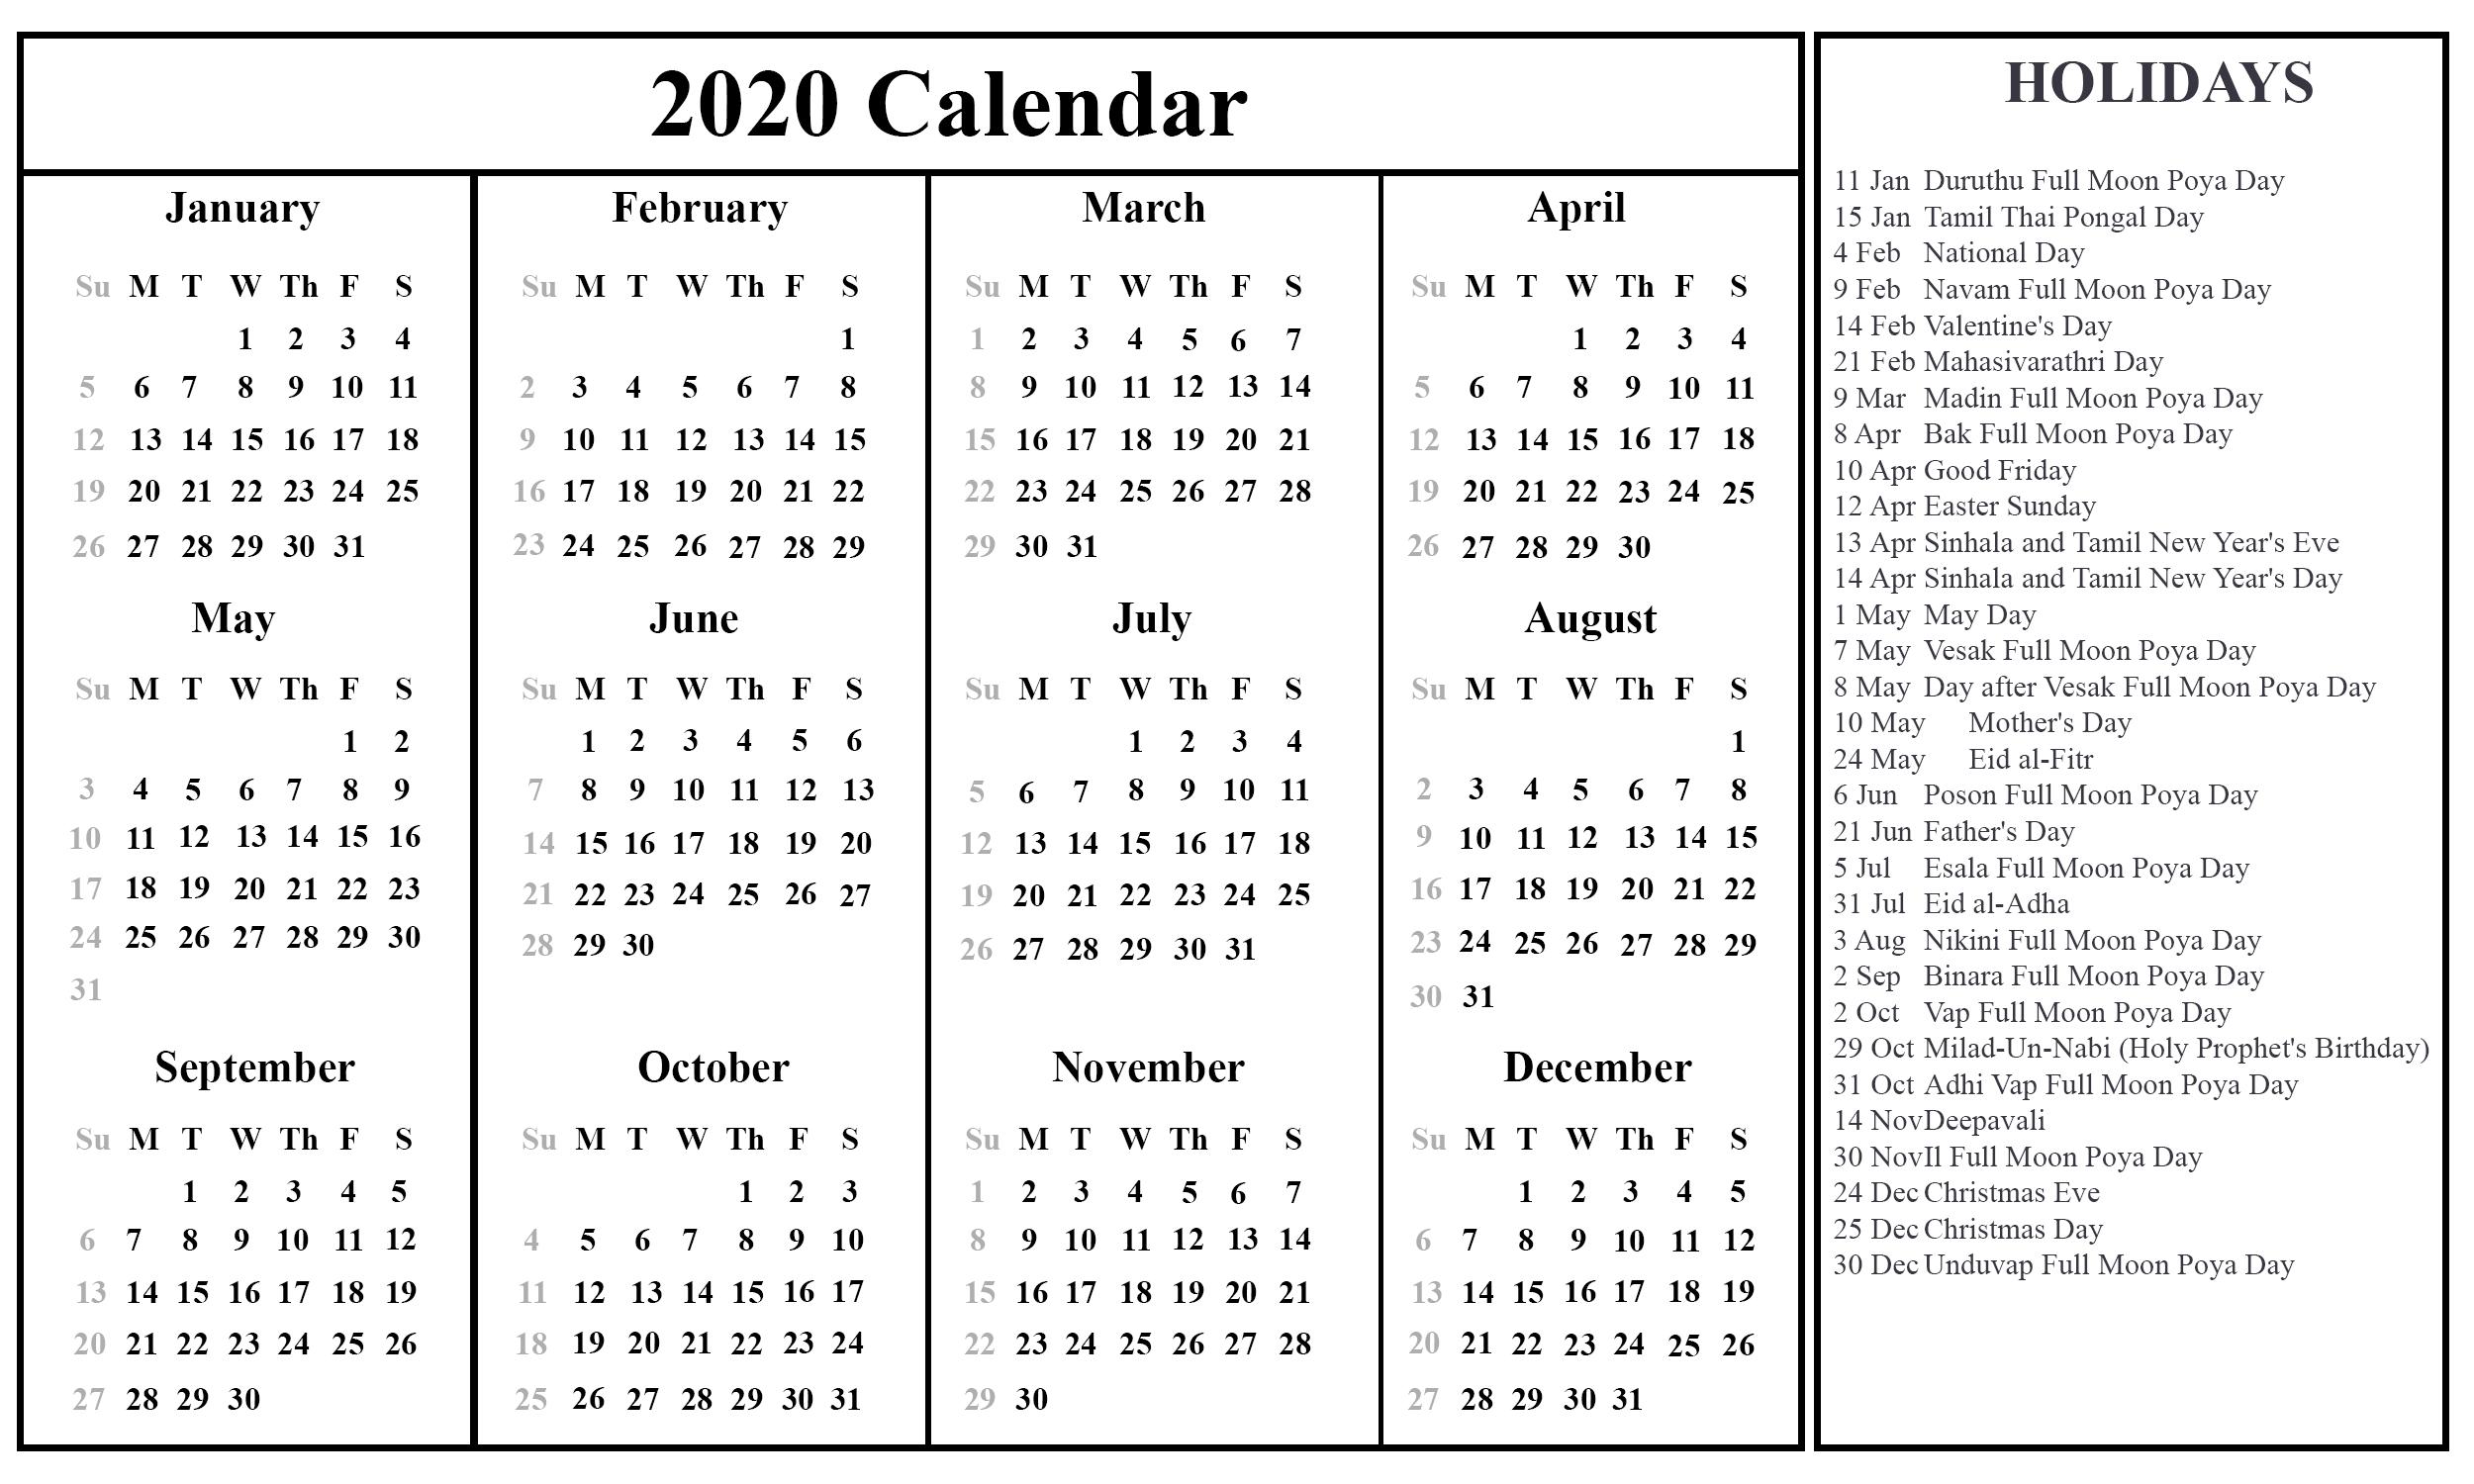 Srilanka-Holiday-2020-3